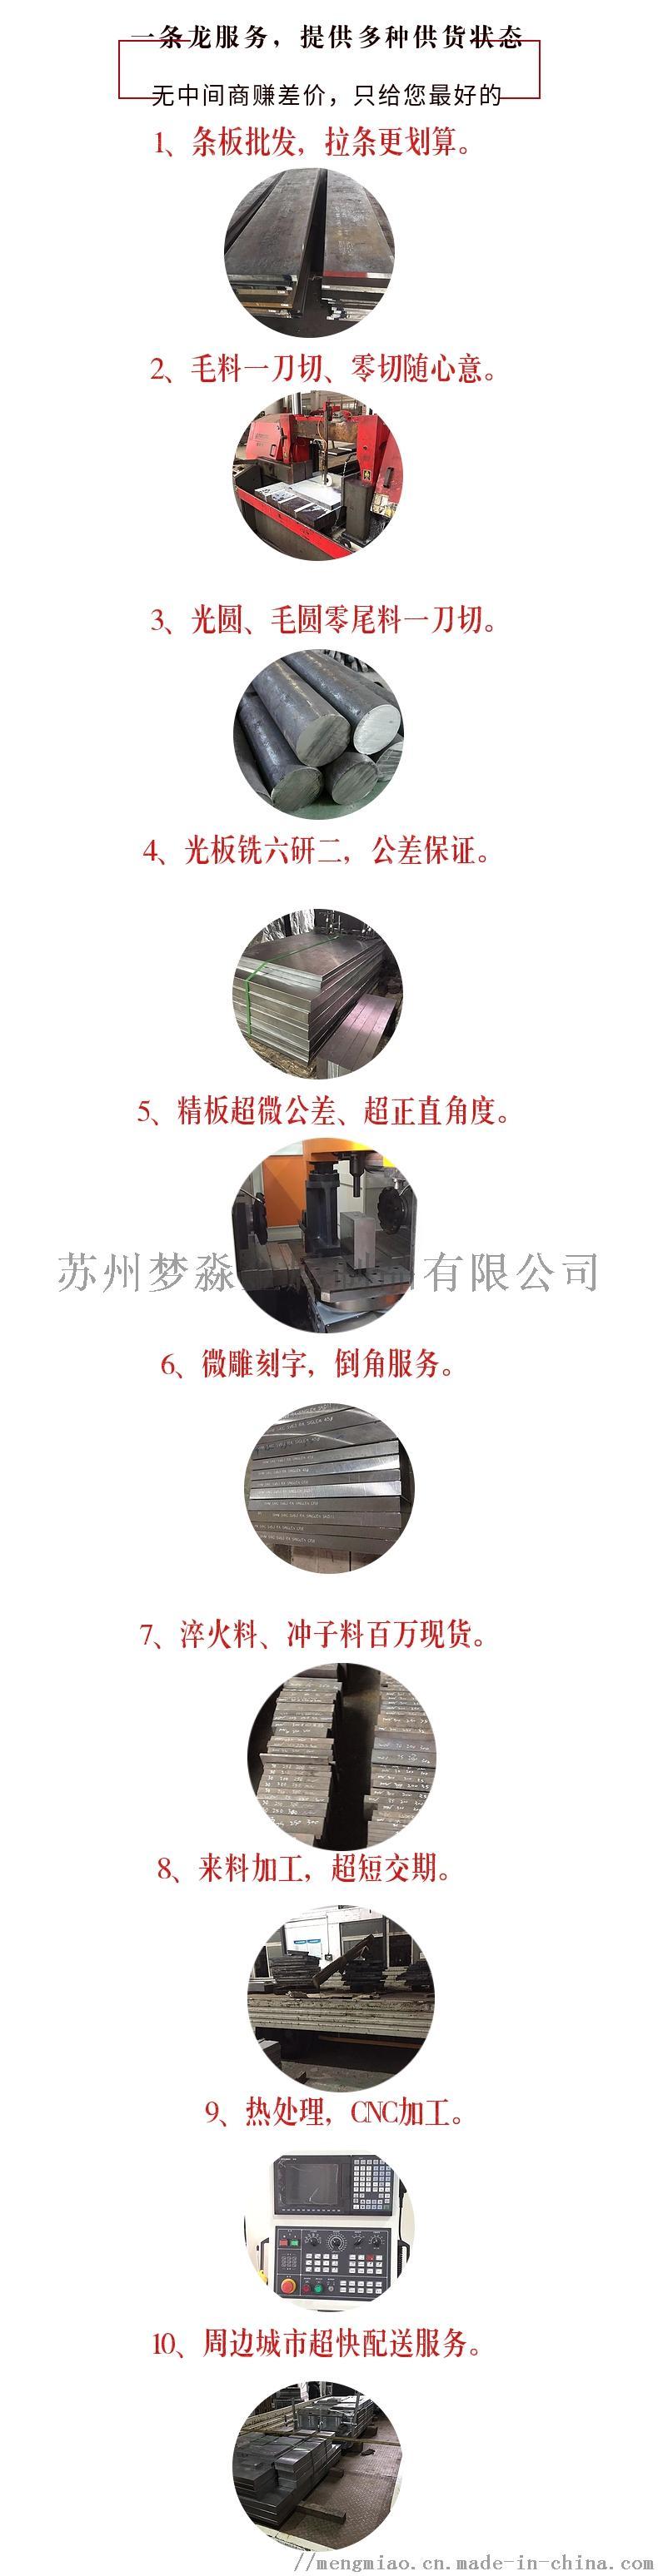 优质模具钢Cr12 国产进口模具钢106703975